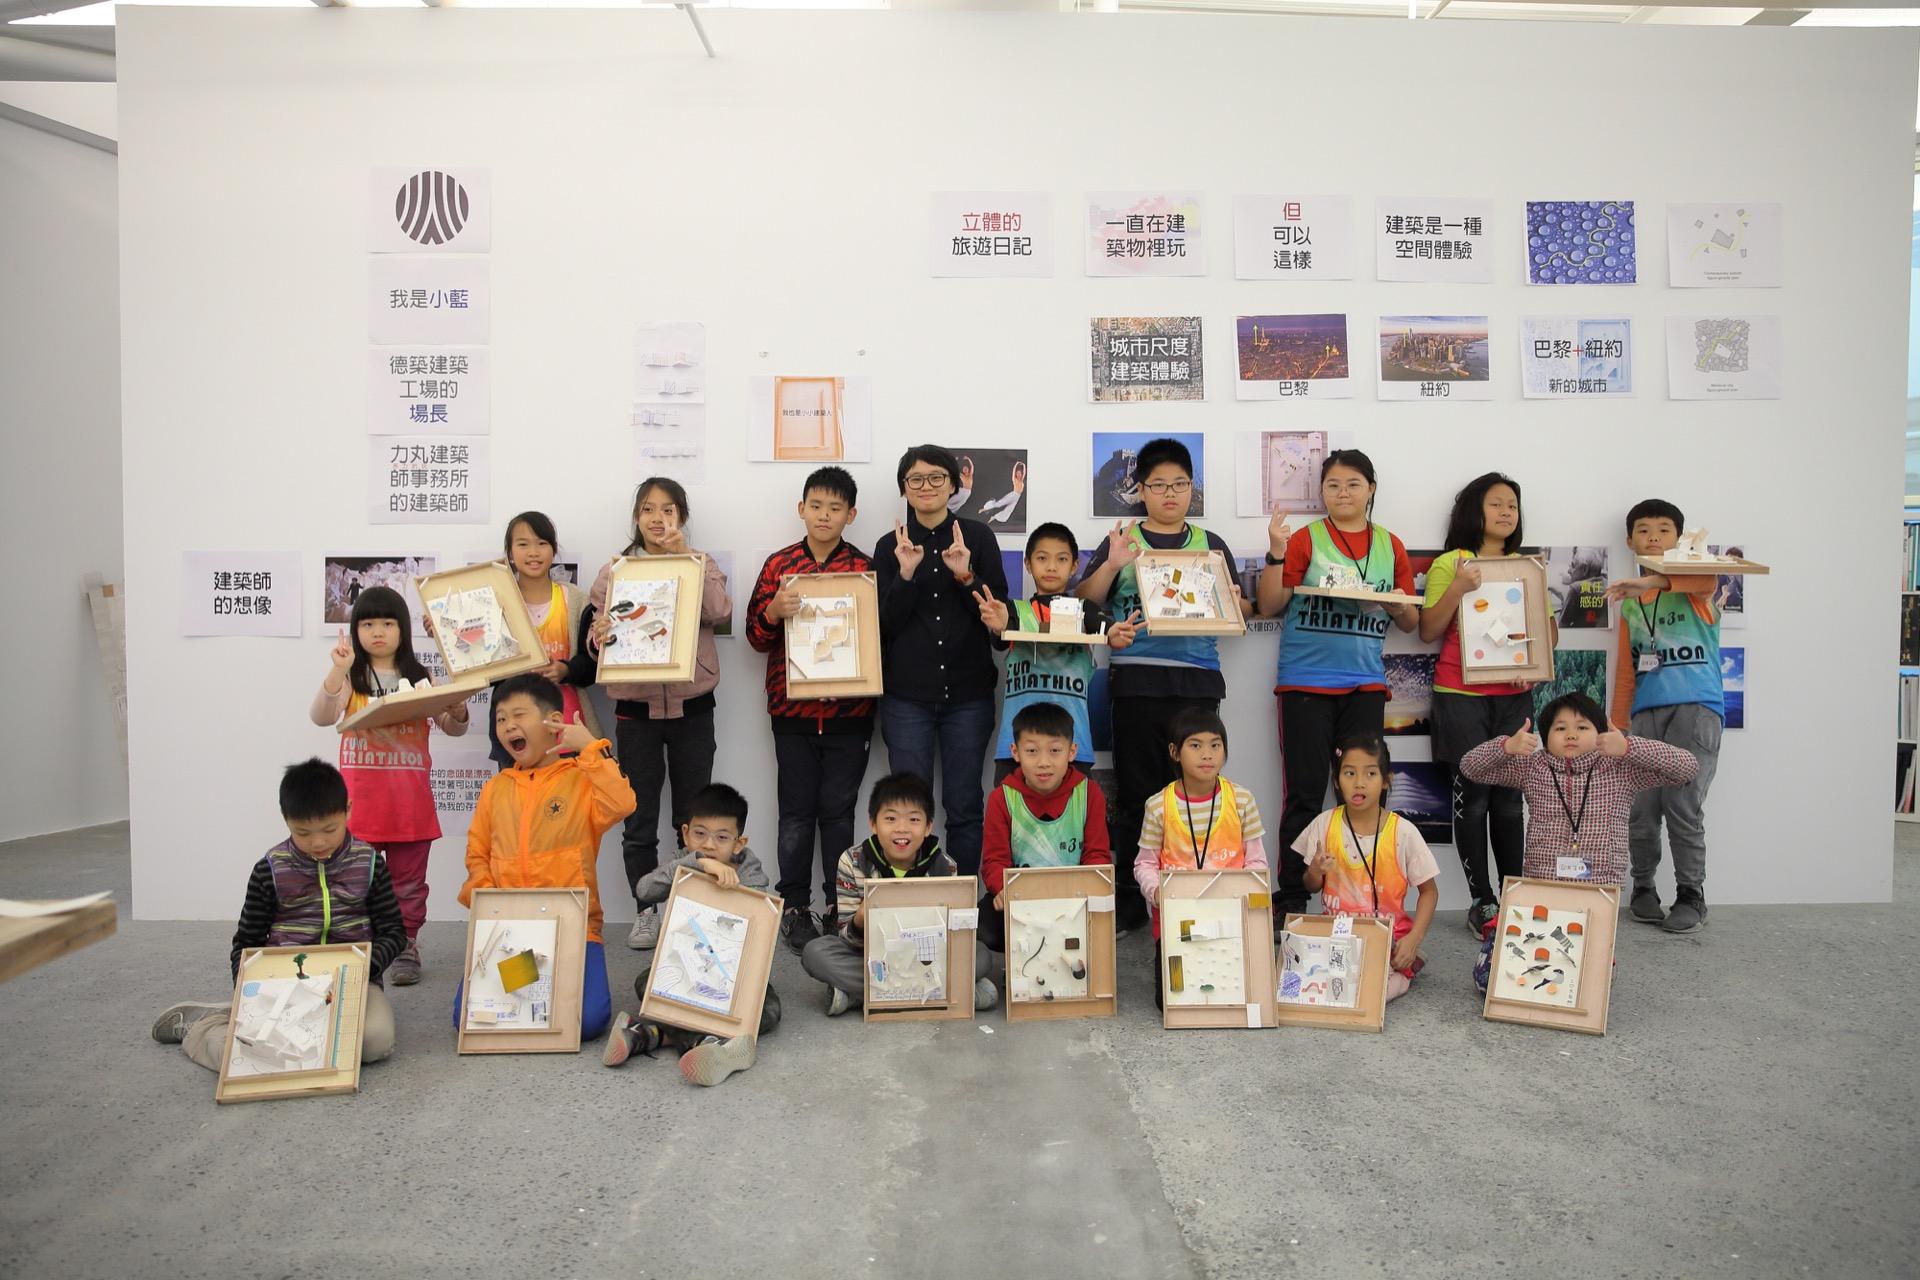 德築-DEZU-project-Fun3sport-children-pinball-create-17